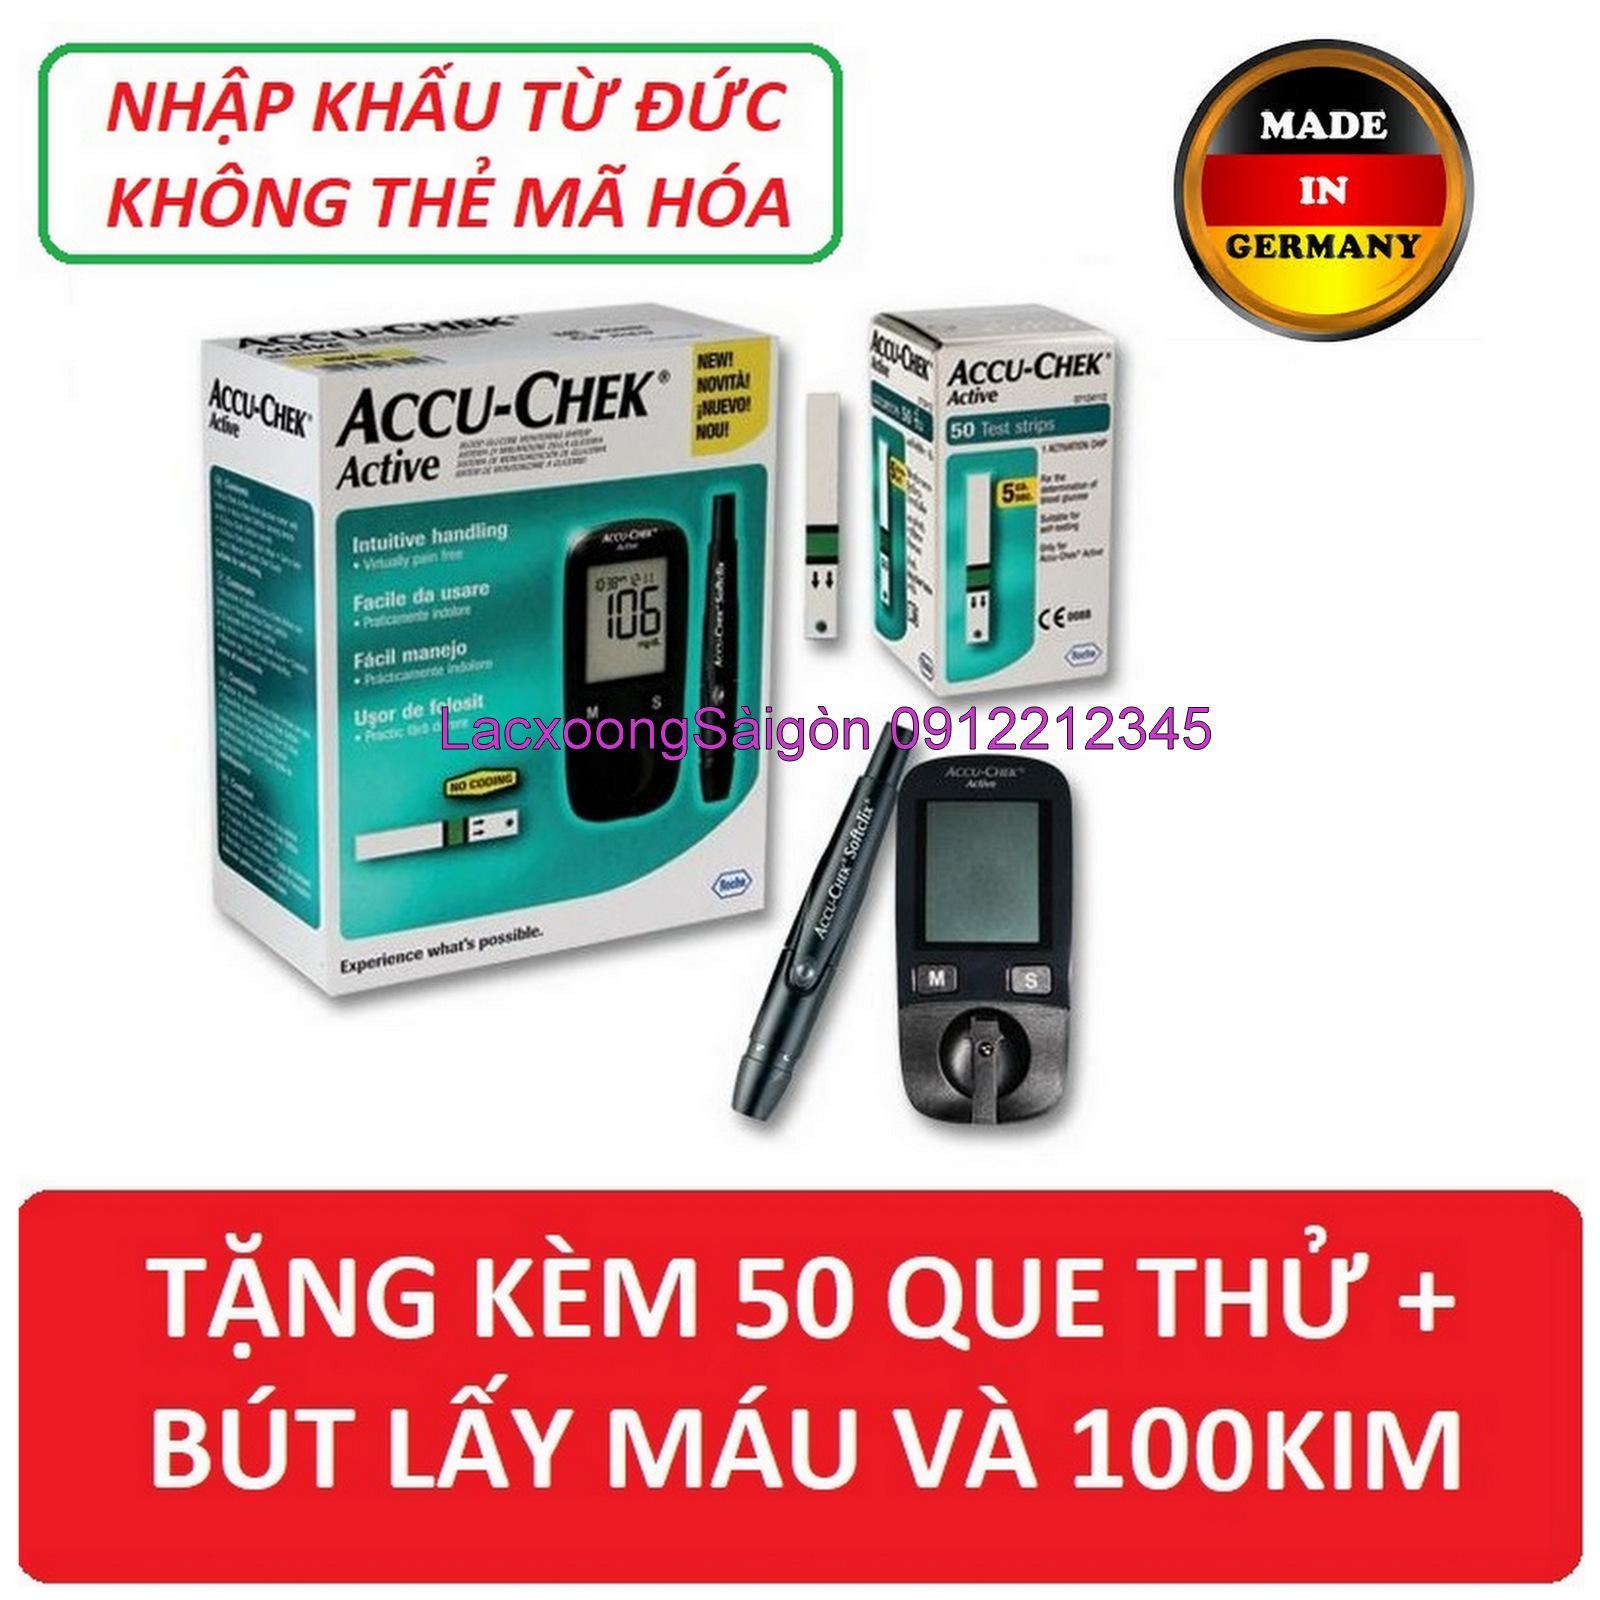 Máy đo đường huyết Accu chek Active Tặng ngay 50 test thử bán chạy